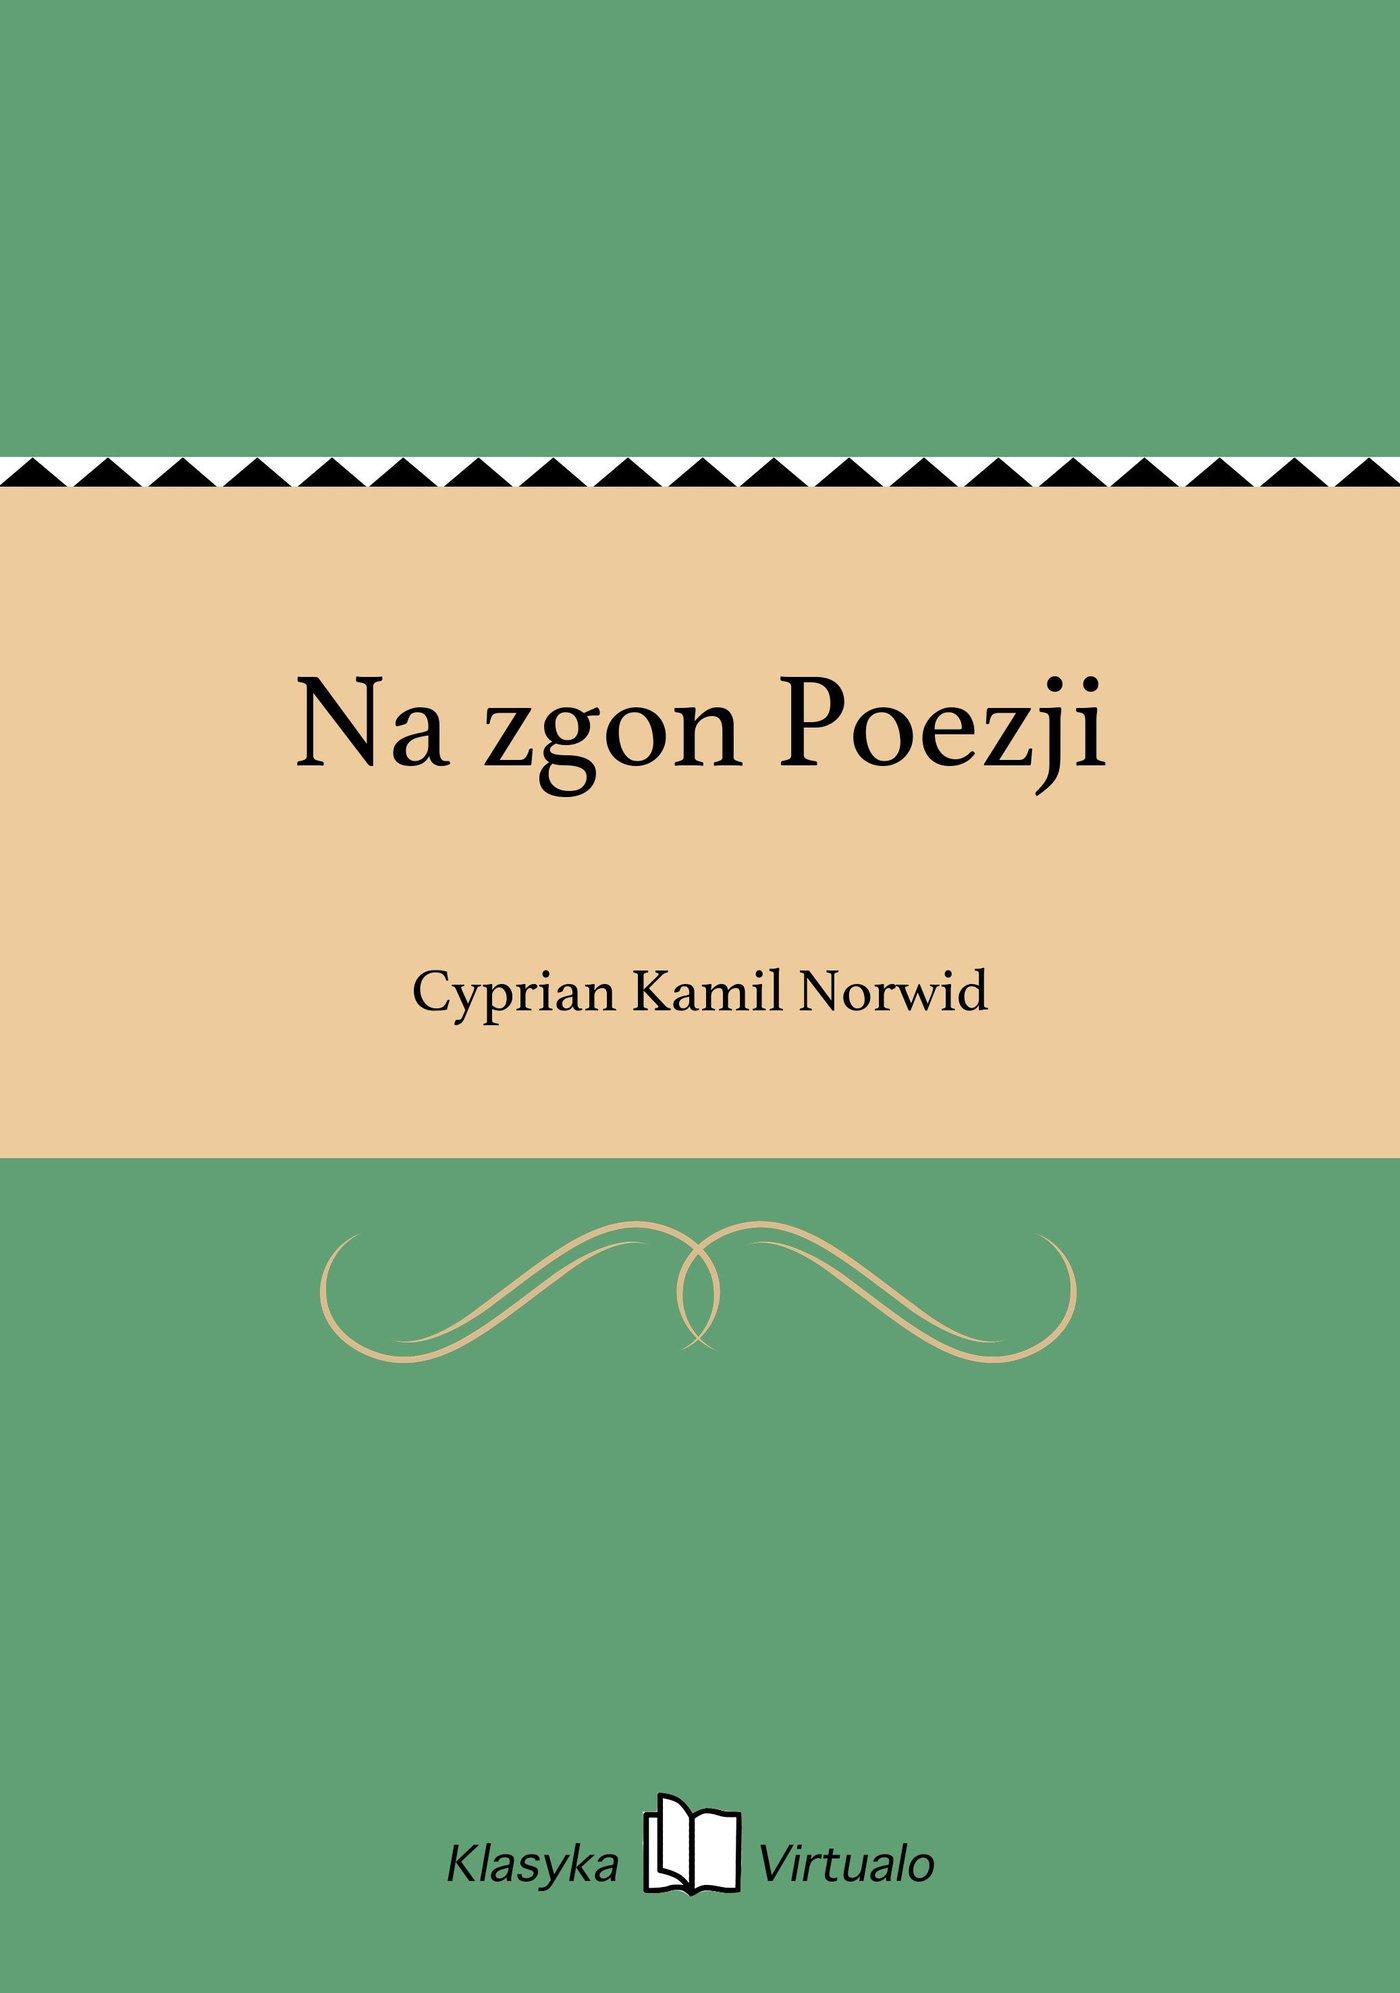 Na zgon Poezji - Ebook (Książka EPUB) do pobrania w formacie EPUB